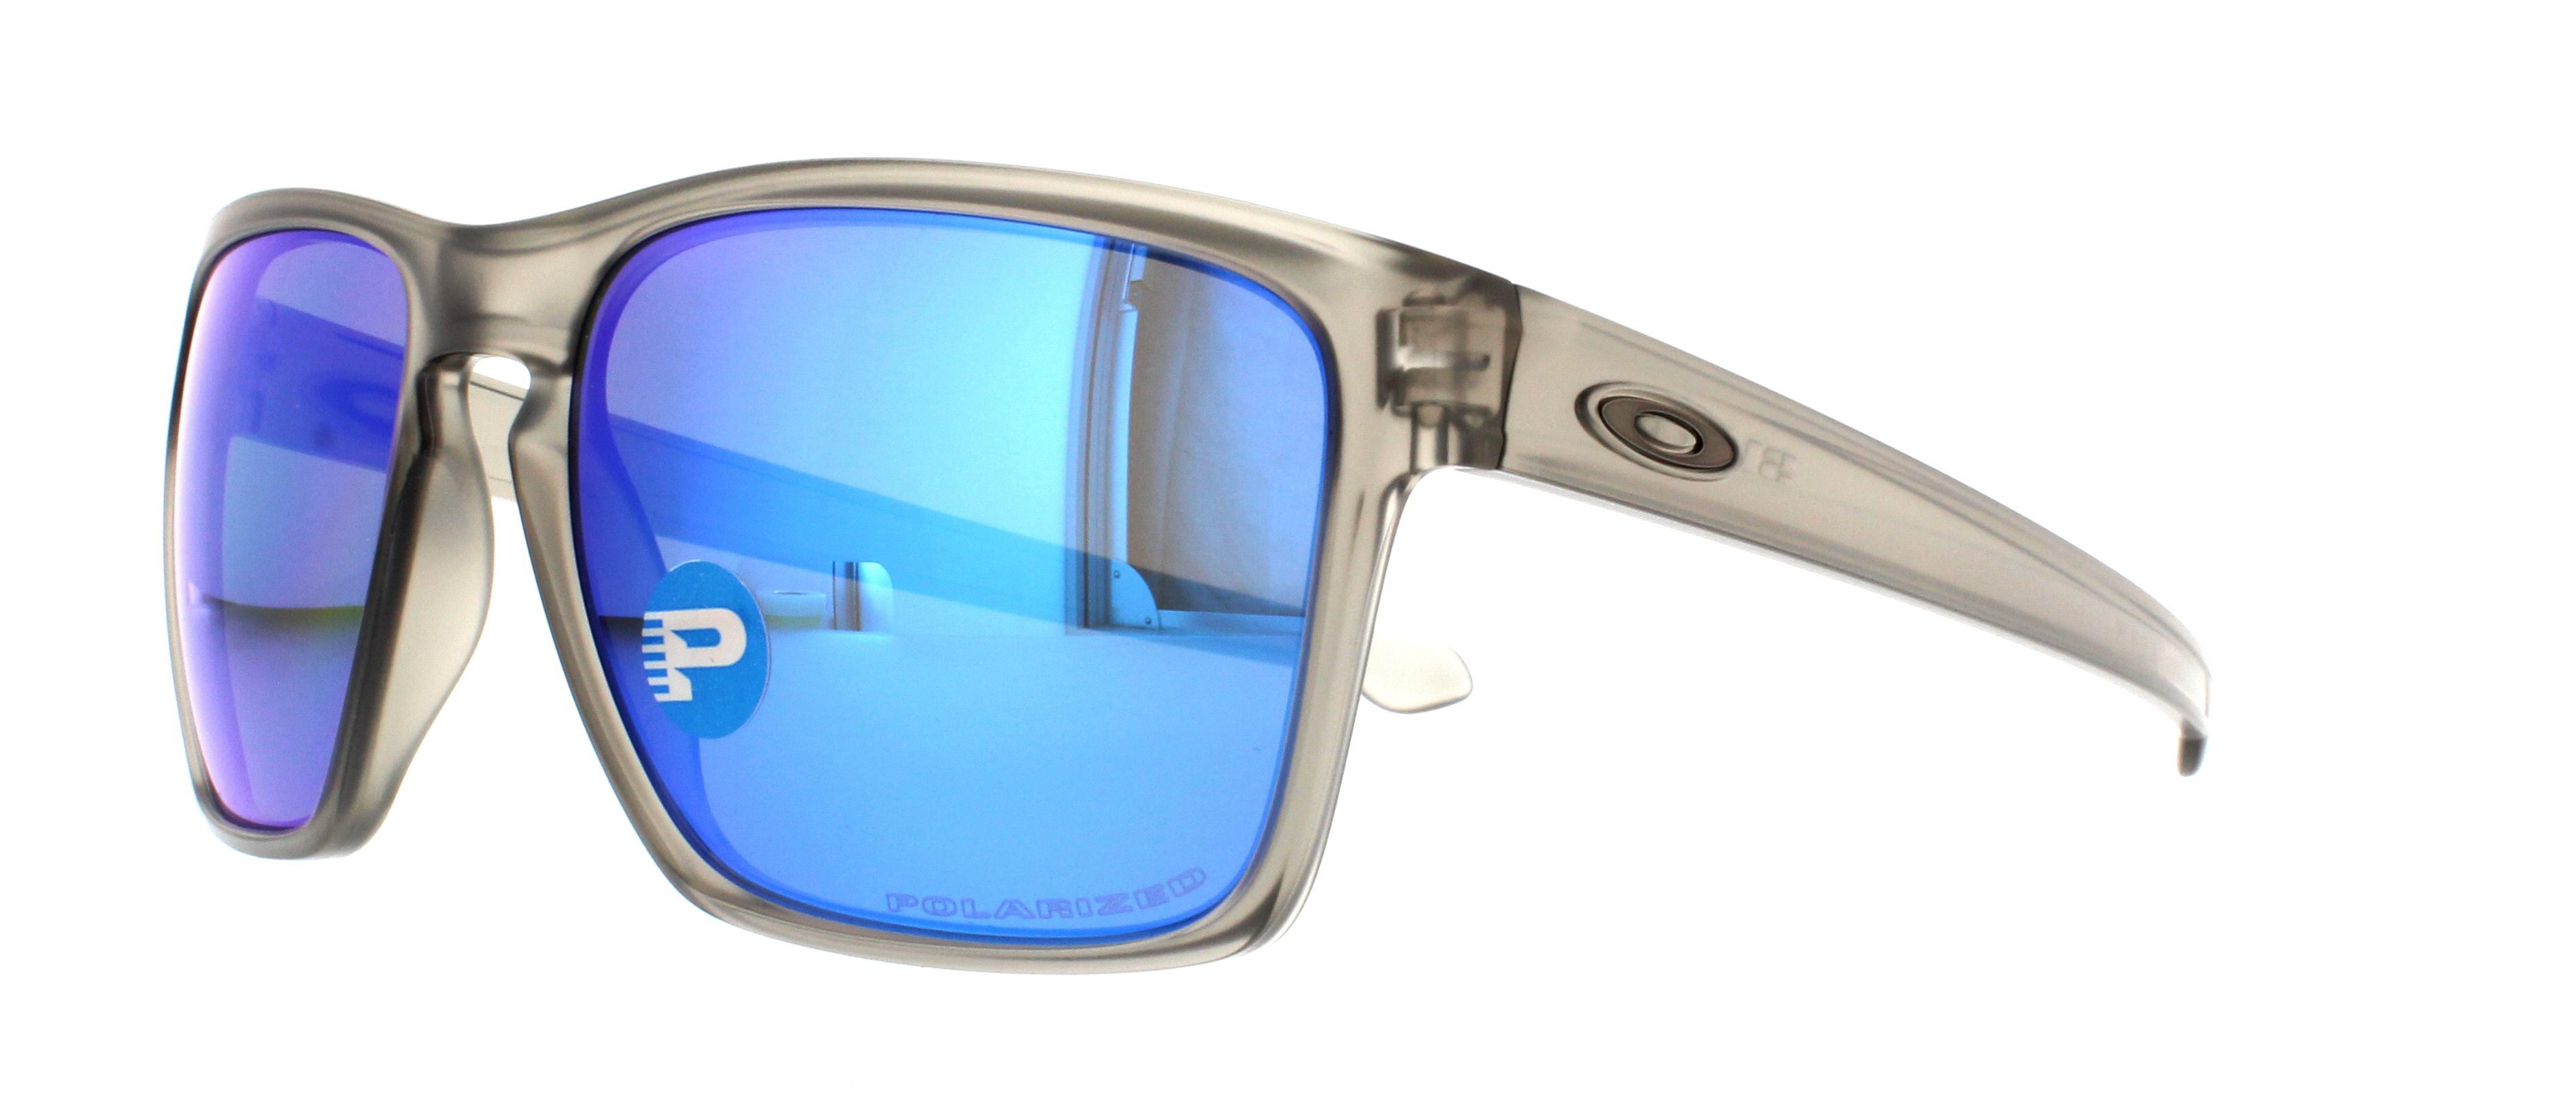 0c5949e0d6 Designer Frames Outlet. Oakley SLIVER XL